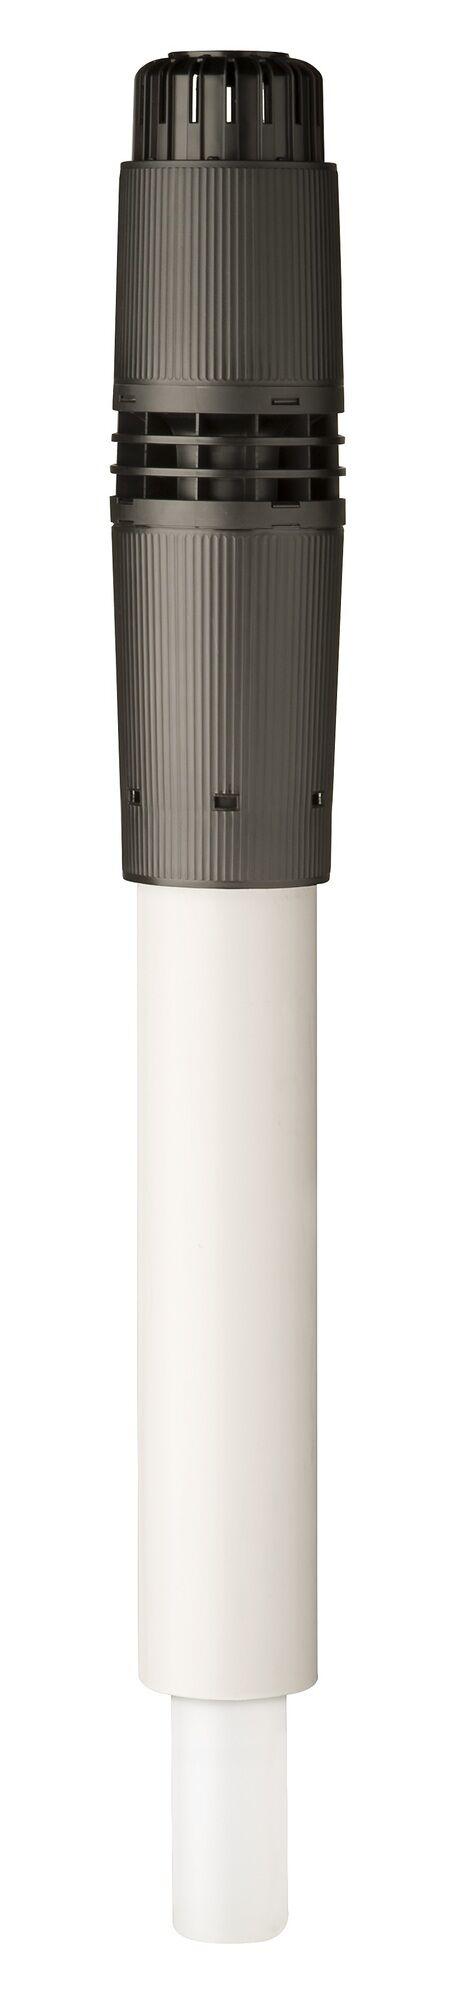 UBBINK Terminal ventouse vertical 60 / 100 condensation noir - UBBINK - 184250